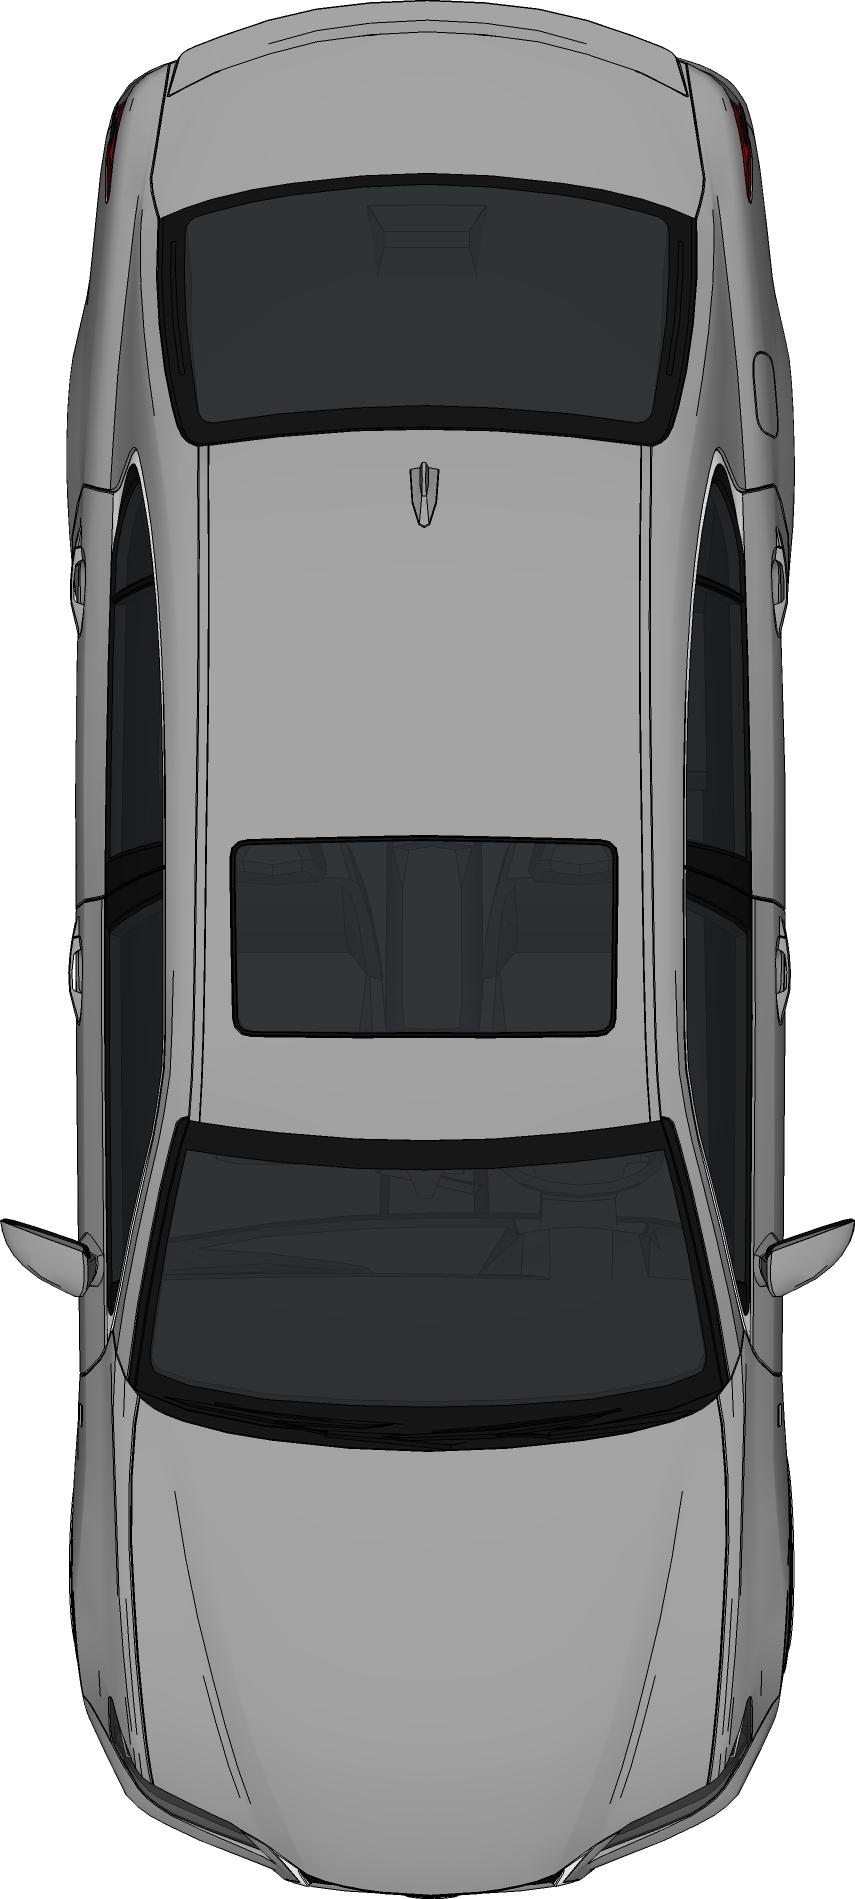 Minivan clipart top view. Car clip art bed